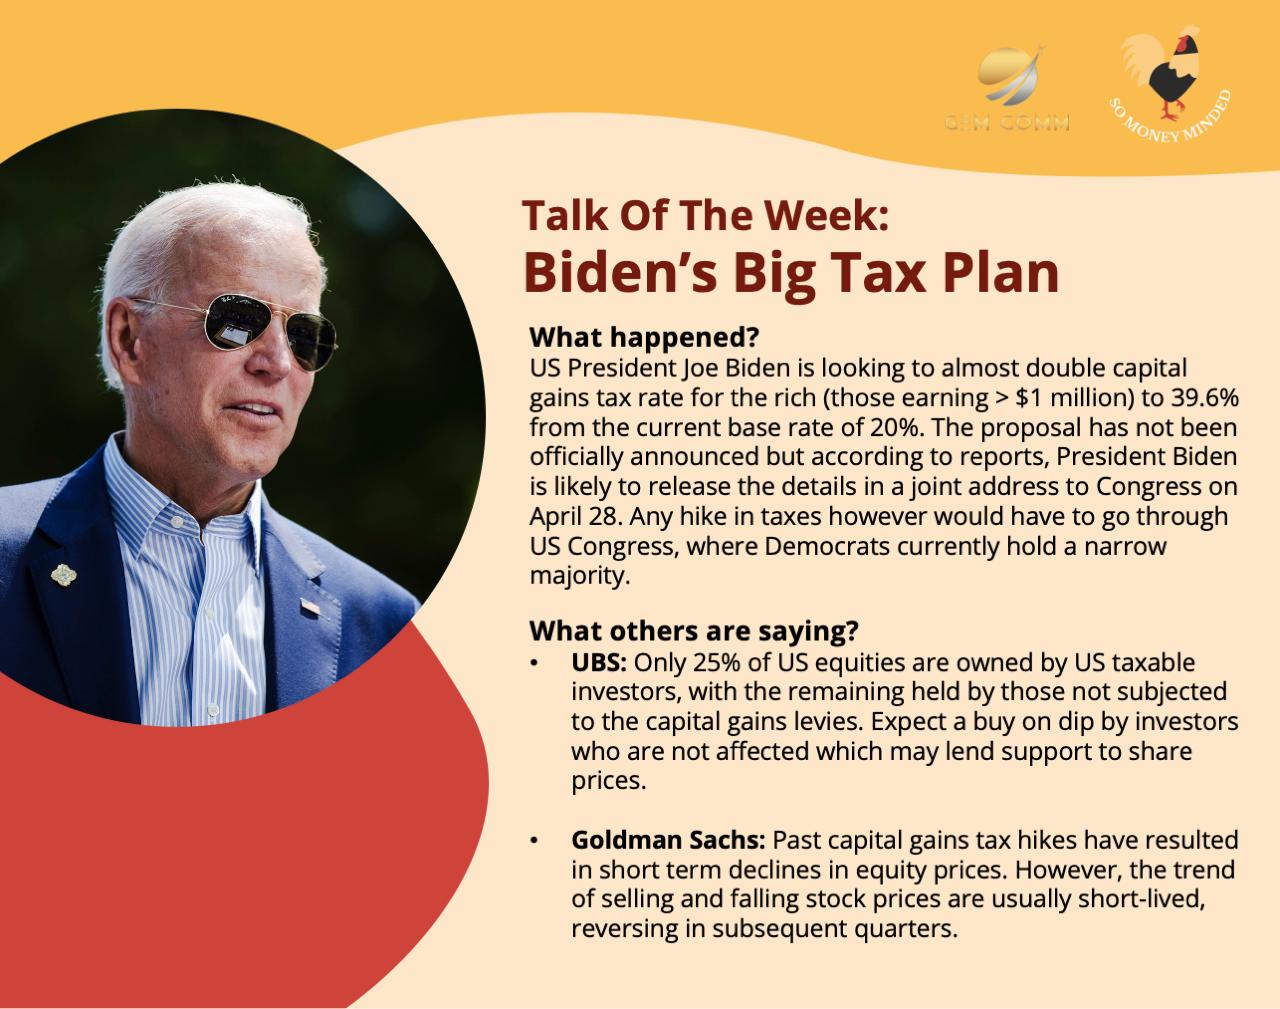 Market Talk: Biden's Big Tax Plan